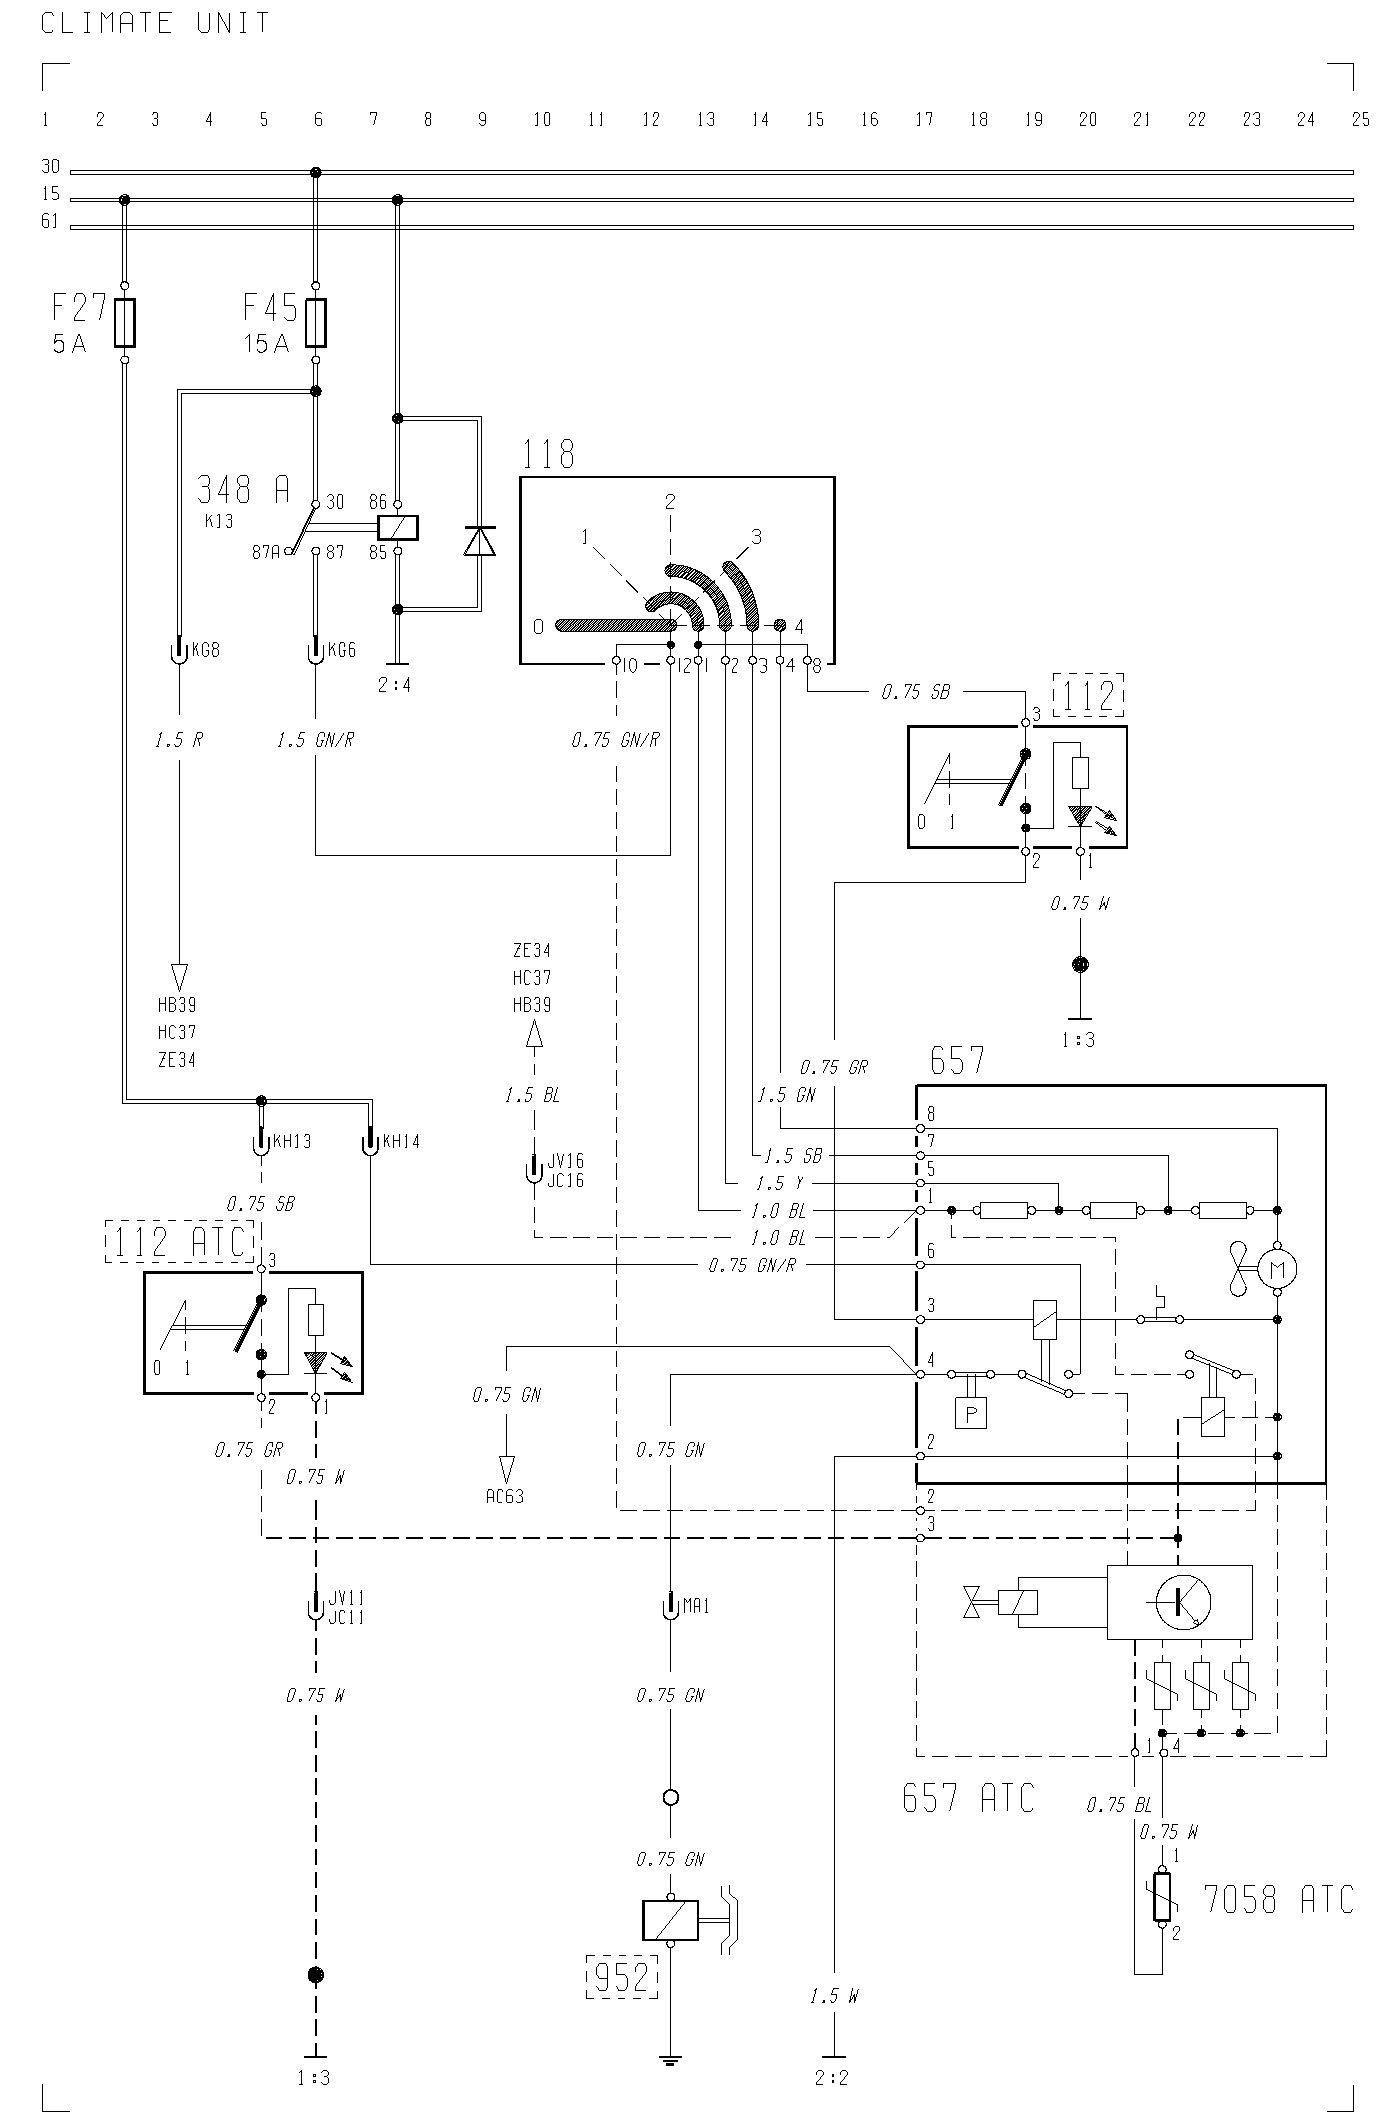 volvo f12 f16 wiring diagram climate unit carknowledge rh carknowledge info Volvo 240 Fuse Diagram 1992 Volvo 960 Radio Wire Diagram